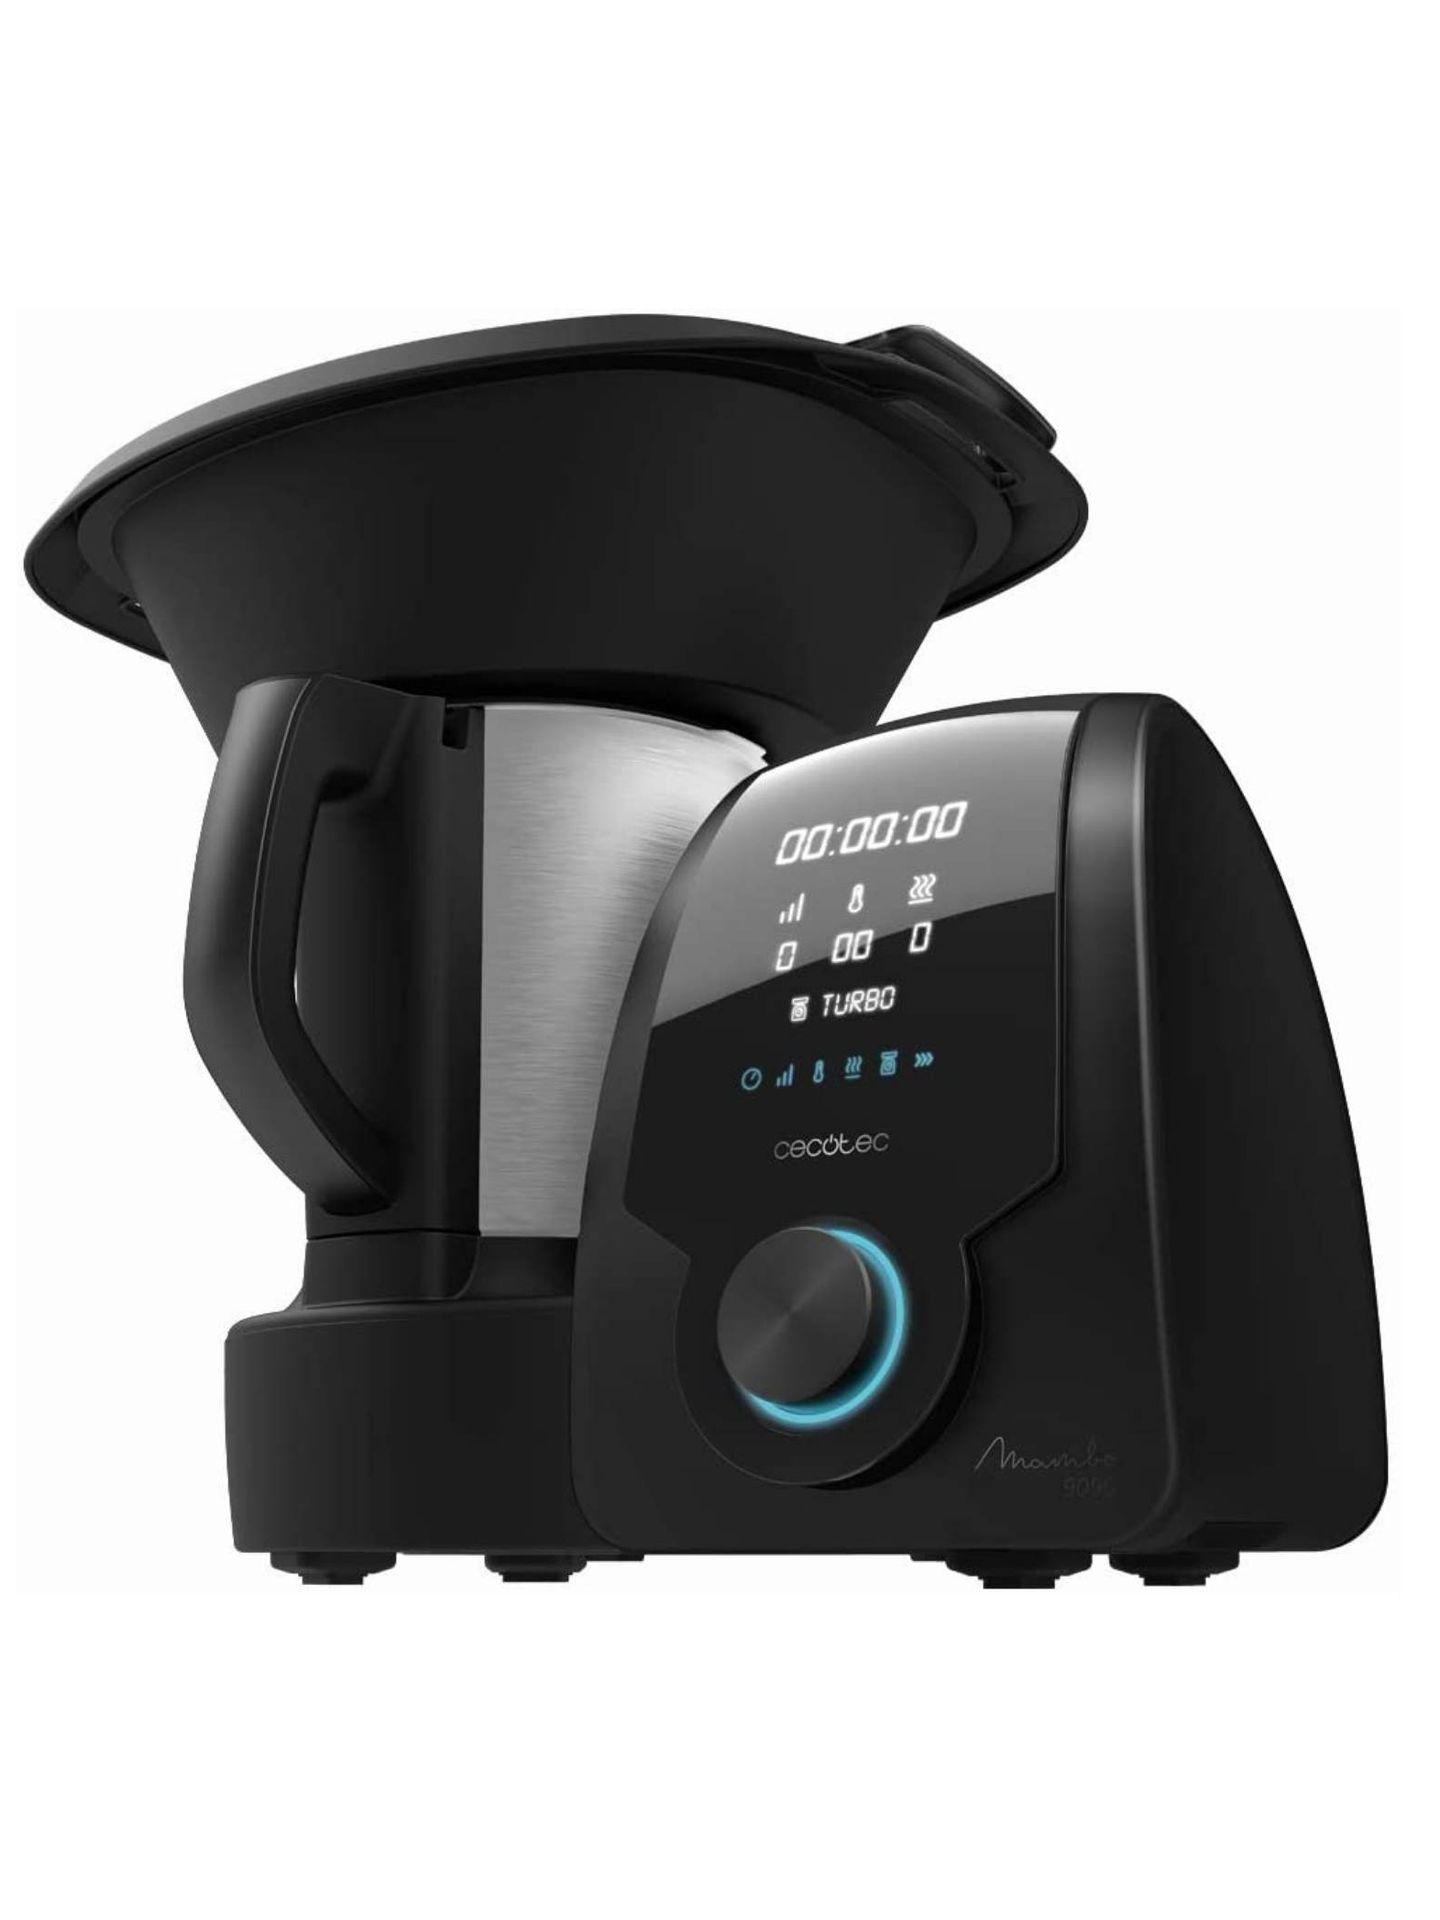 Robot de cocina Cecotec (Amazon)